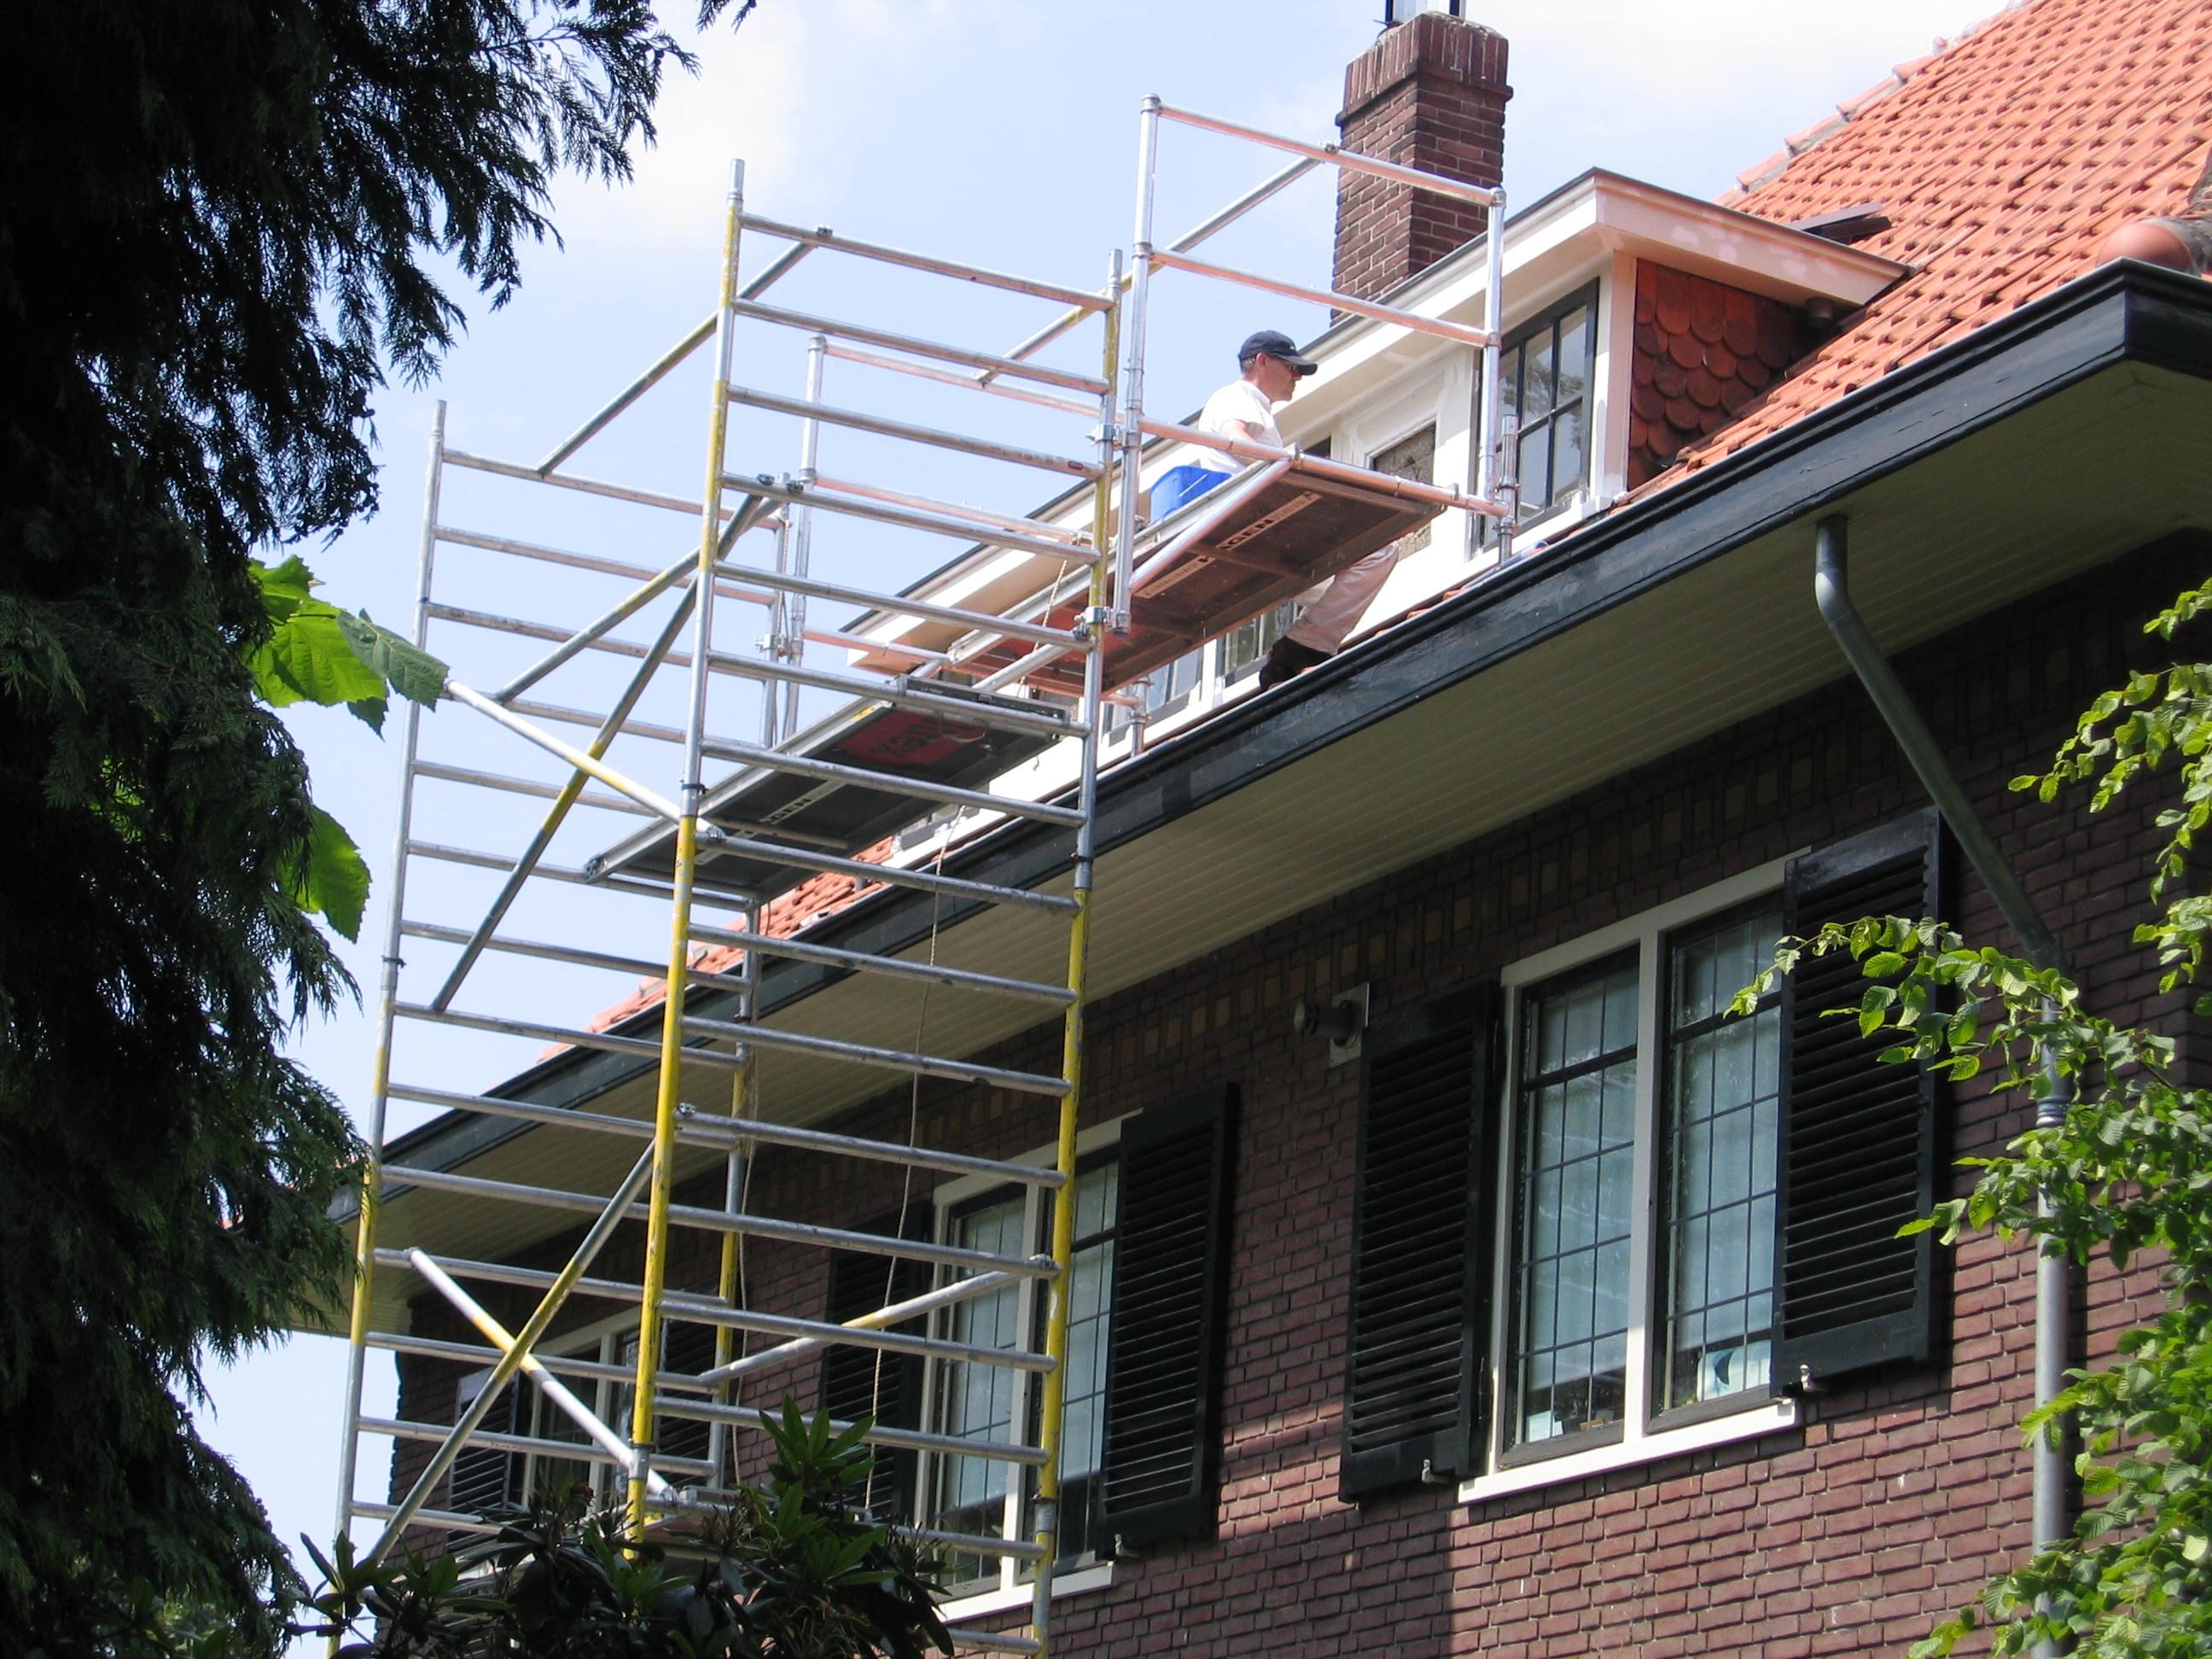 schilder-werk-1-tilburg-1